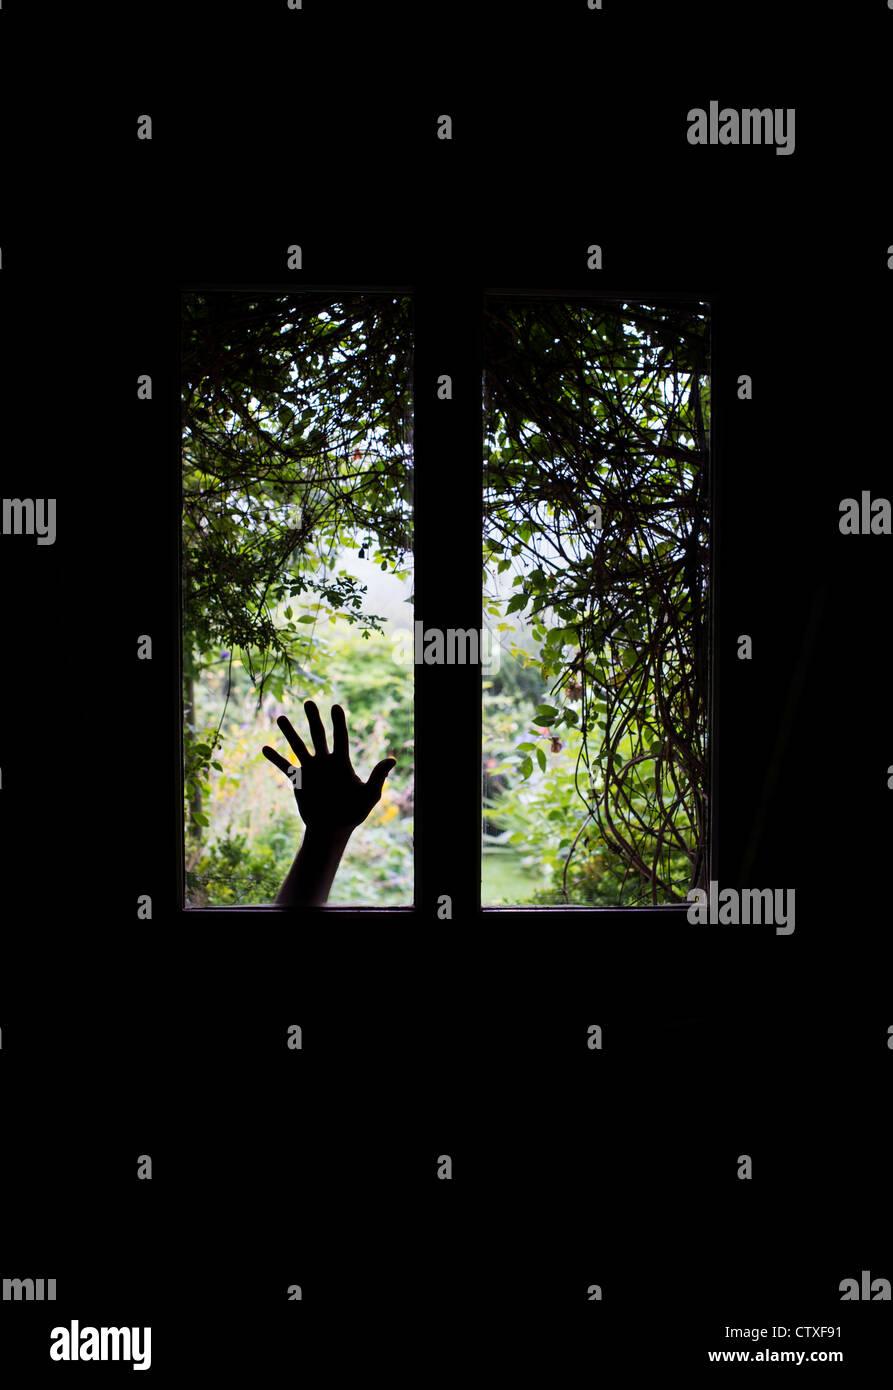 Silhouette mano contra ventanas de vidrio en una de las puertas delanteras en frente de un jardín cubierto Imagen De Stock